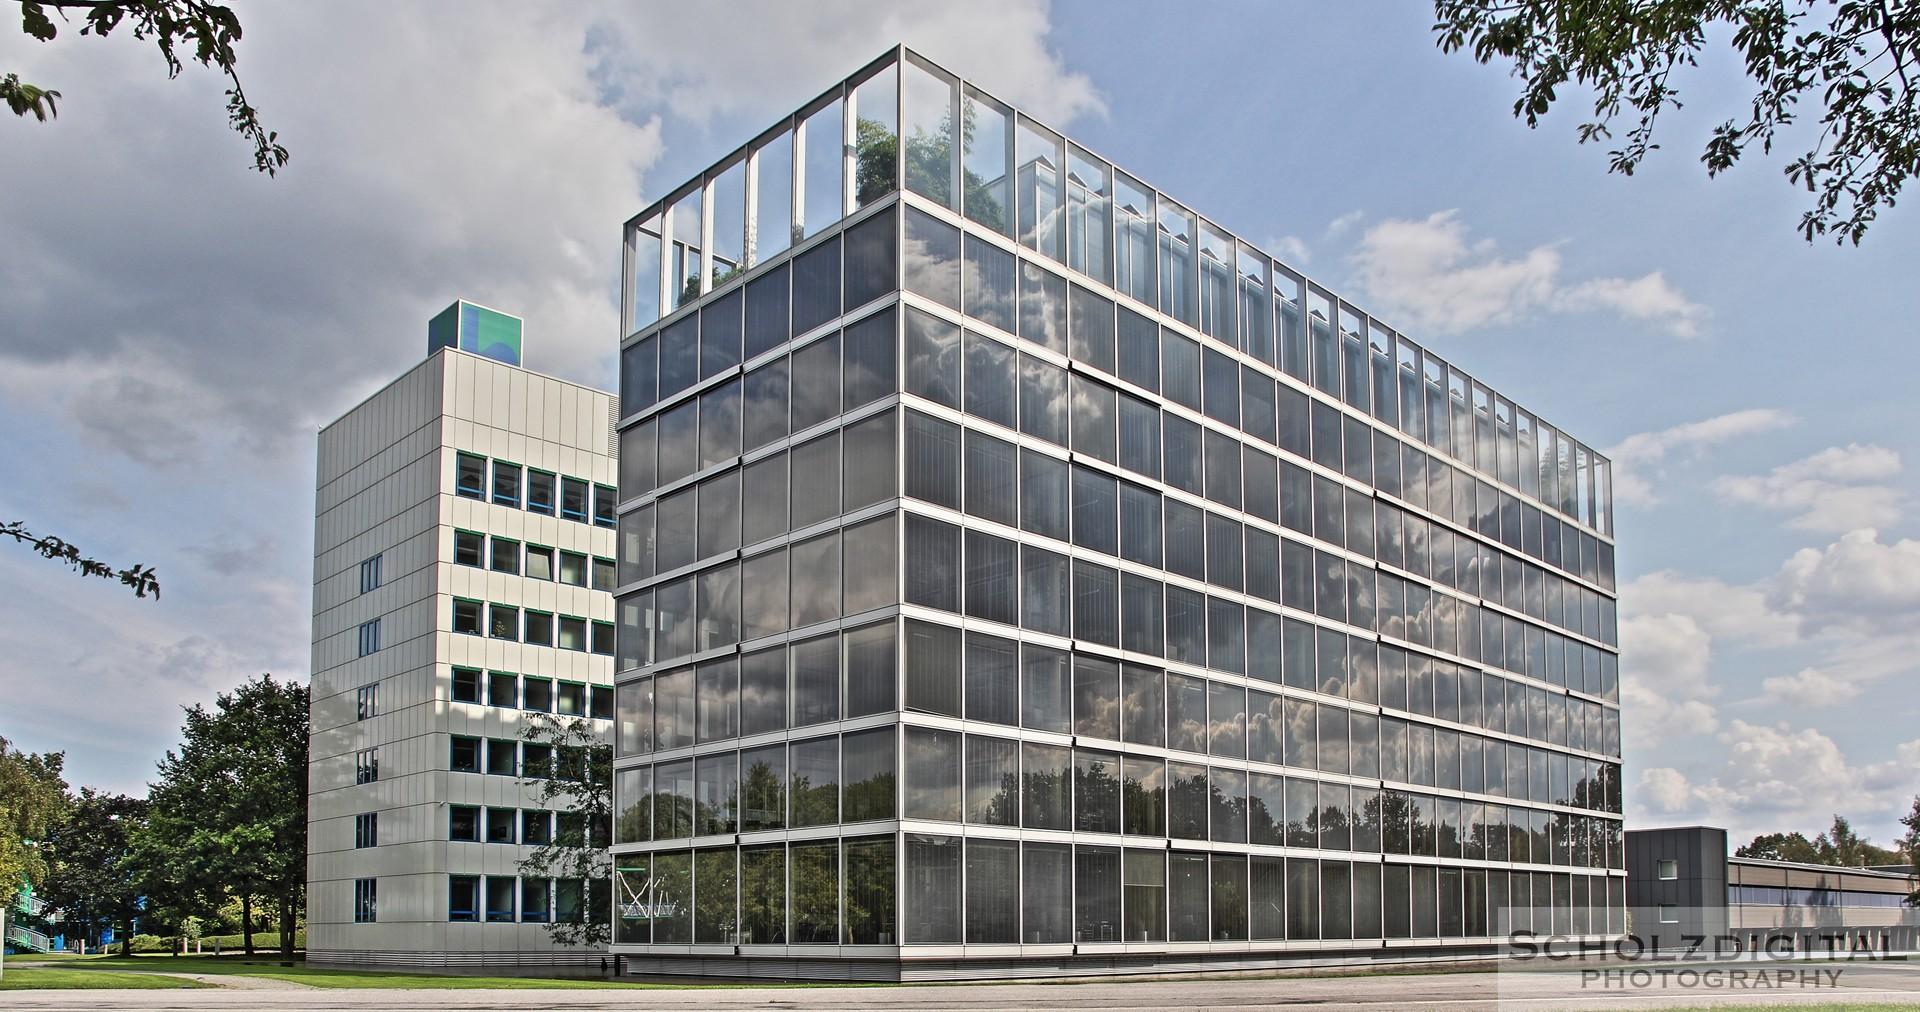 VHDR Bild / Aufnahme Verwaltungsgebäude der Gelsenwasser Gelsenkirchen - HDR Aufnahme